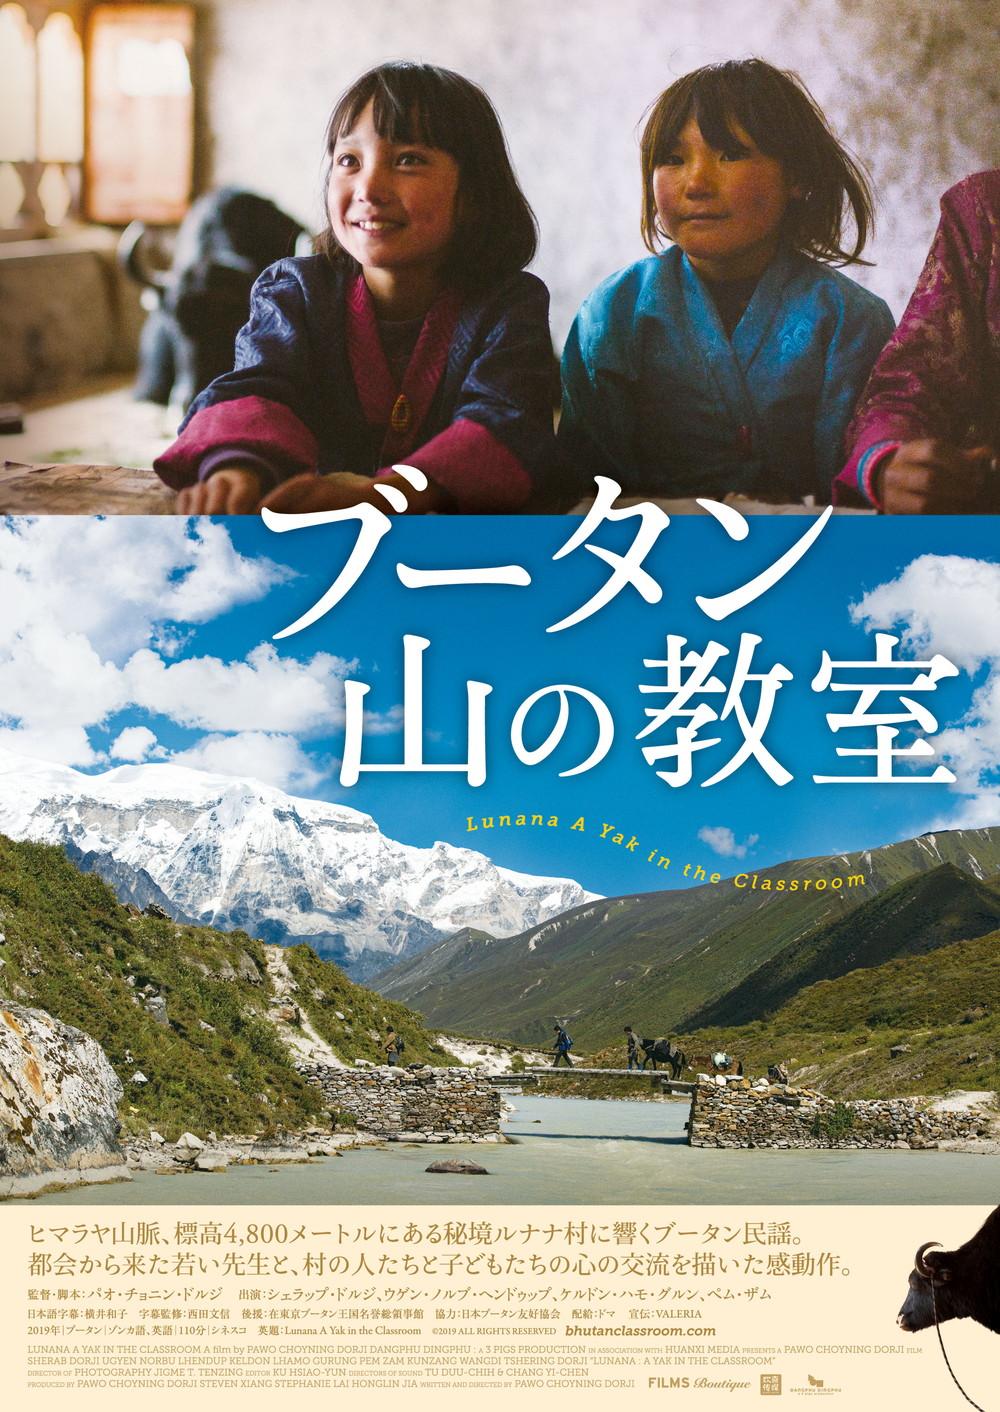 『ブータン 山の教室』ティザービジュアル